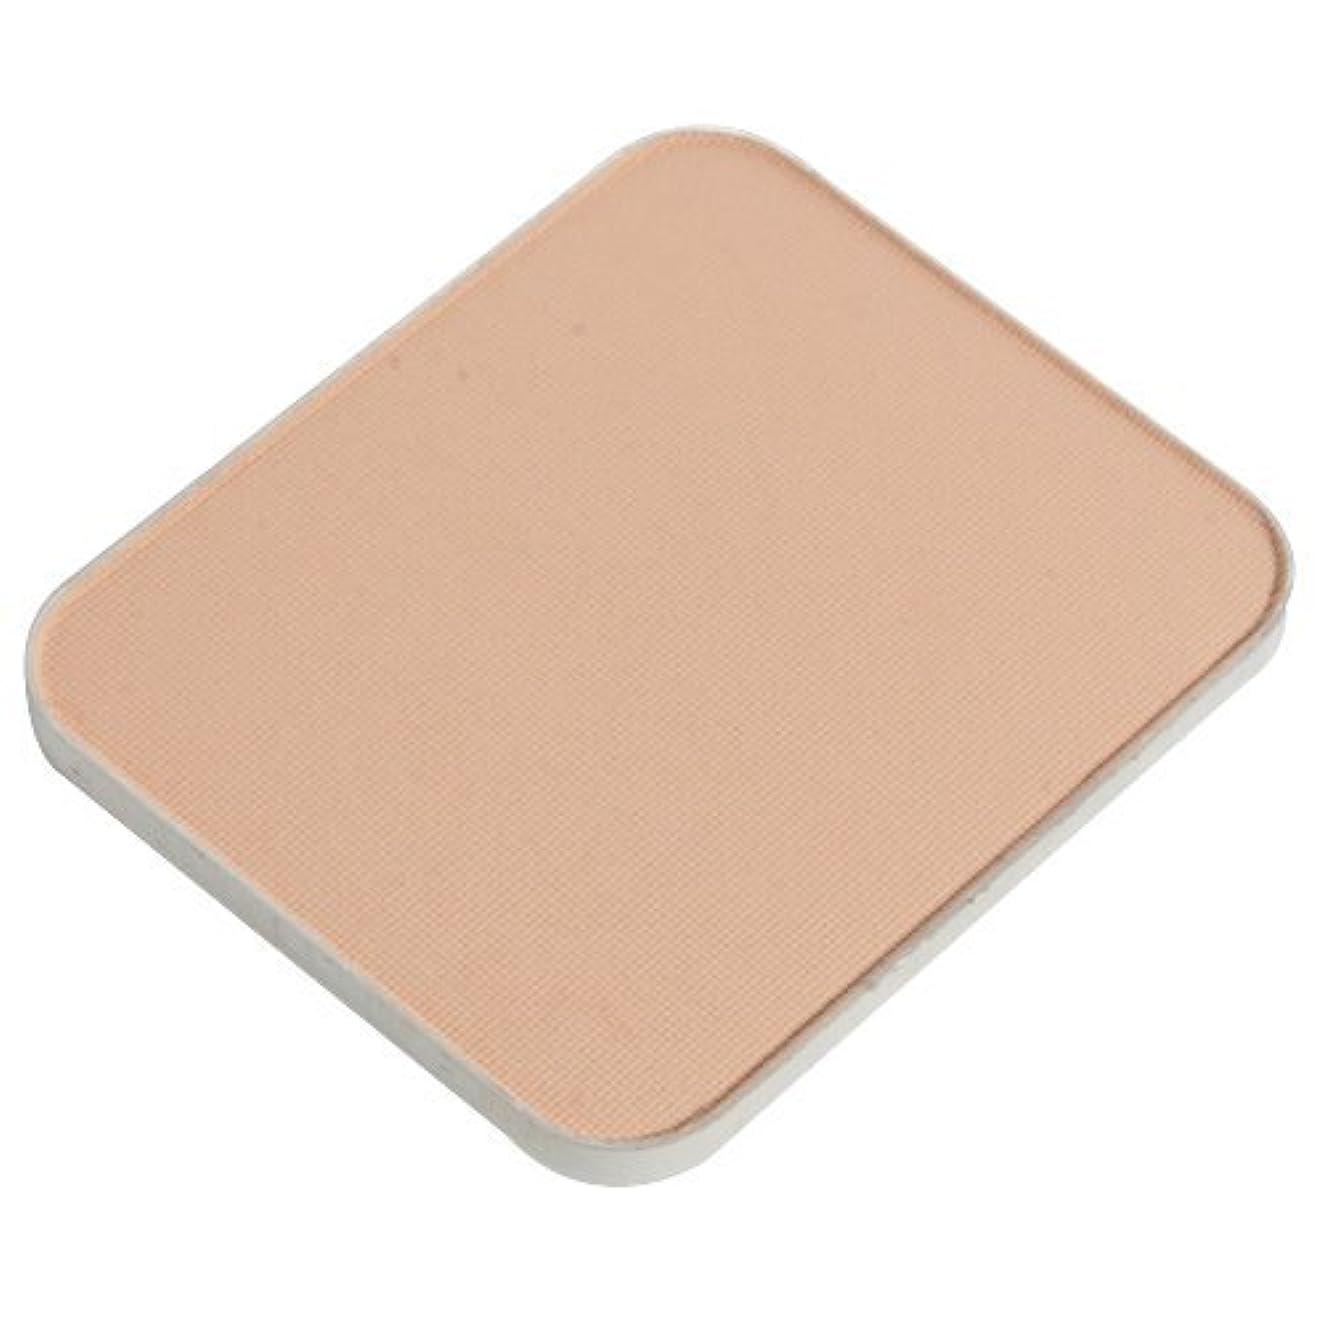 腸時系列代表【エバメール】エバメール パウダーファンデーション 露肌 レフィル #01 ピンク 10g